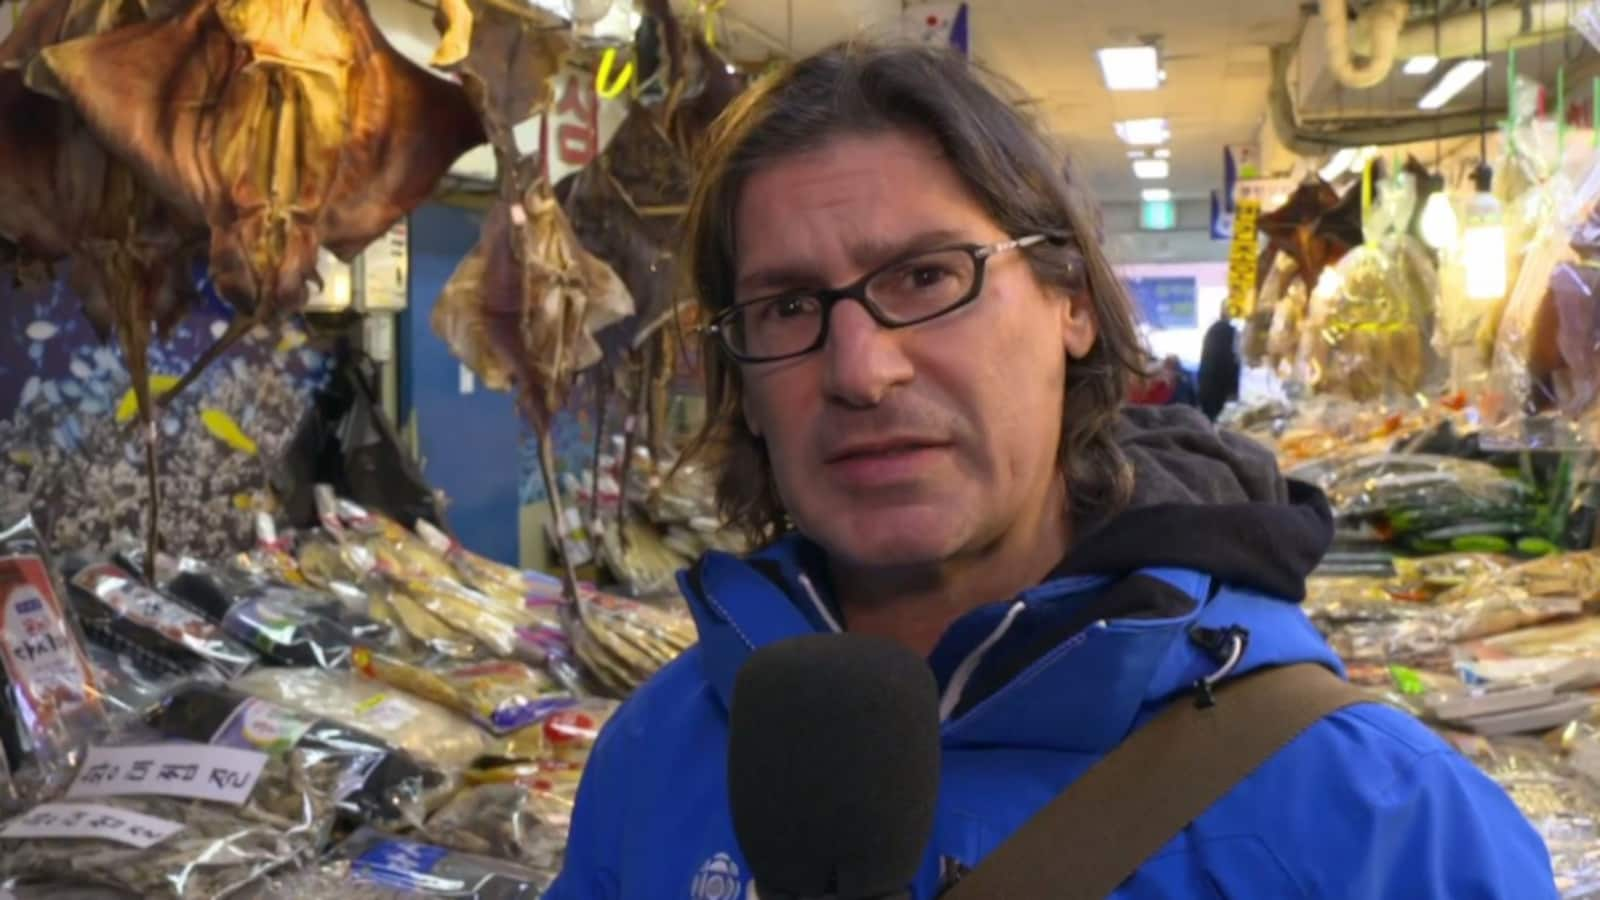 Jean-René Dufort dans un marché en Corée du Sud